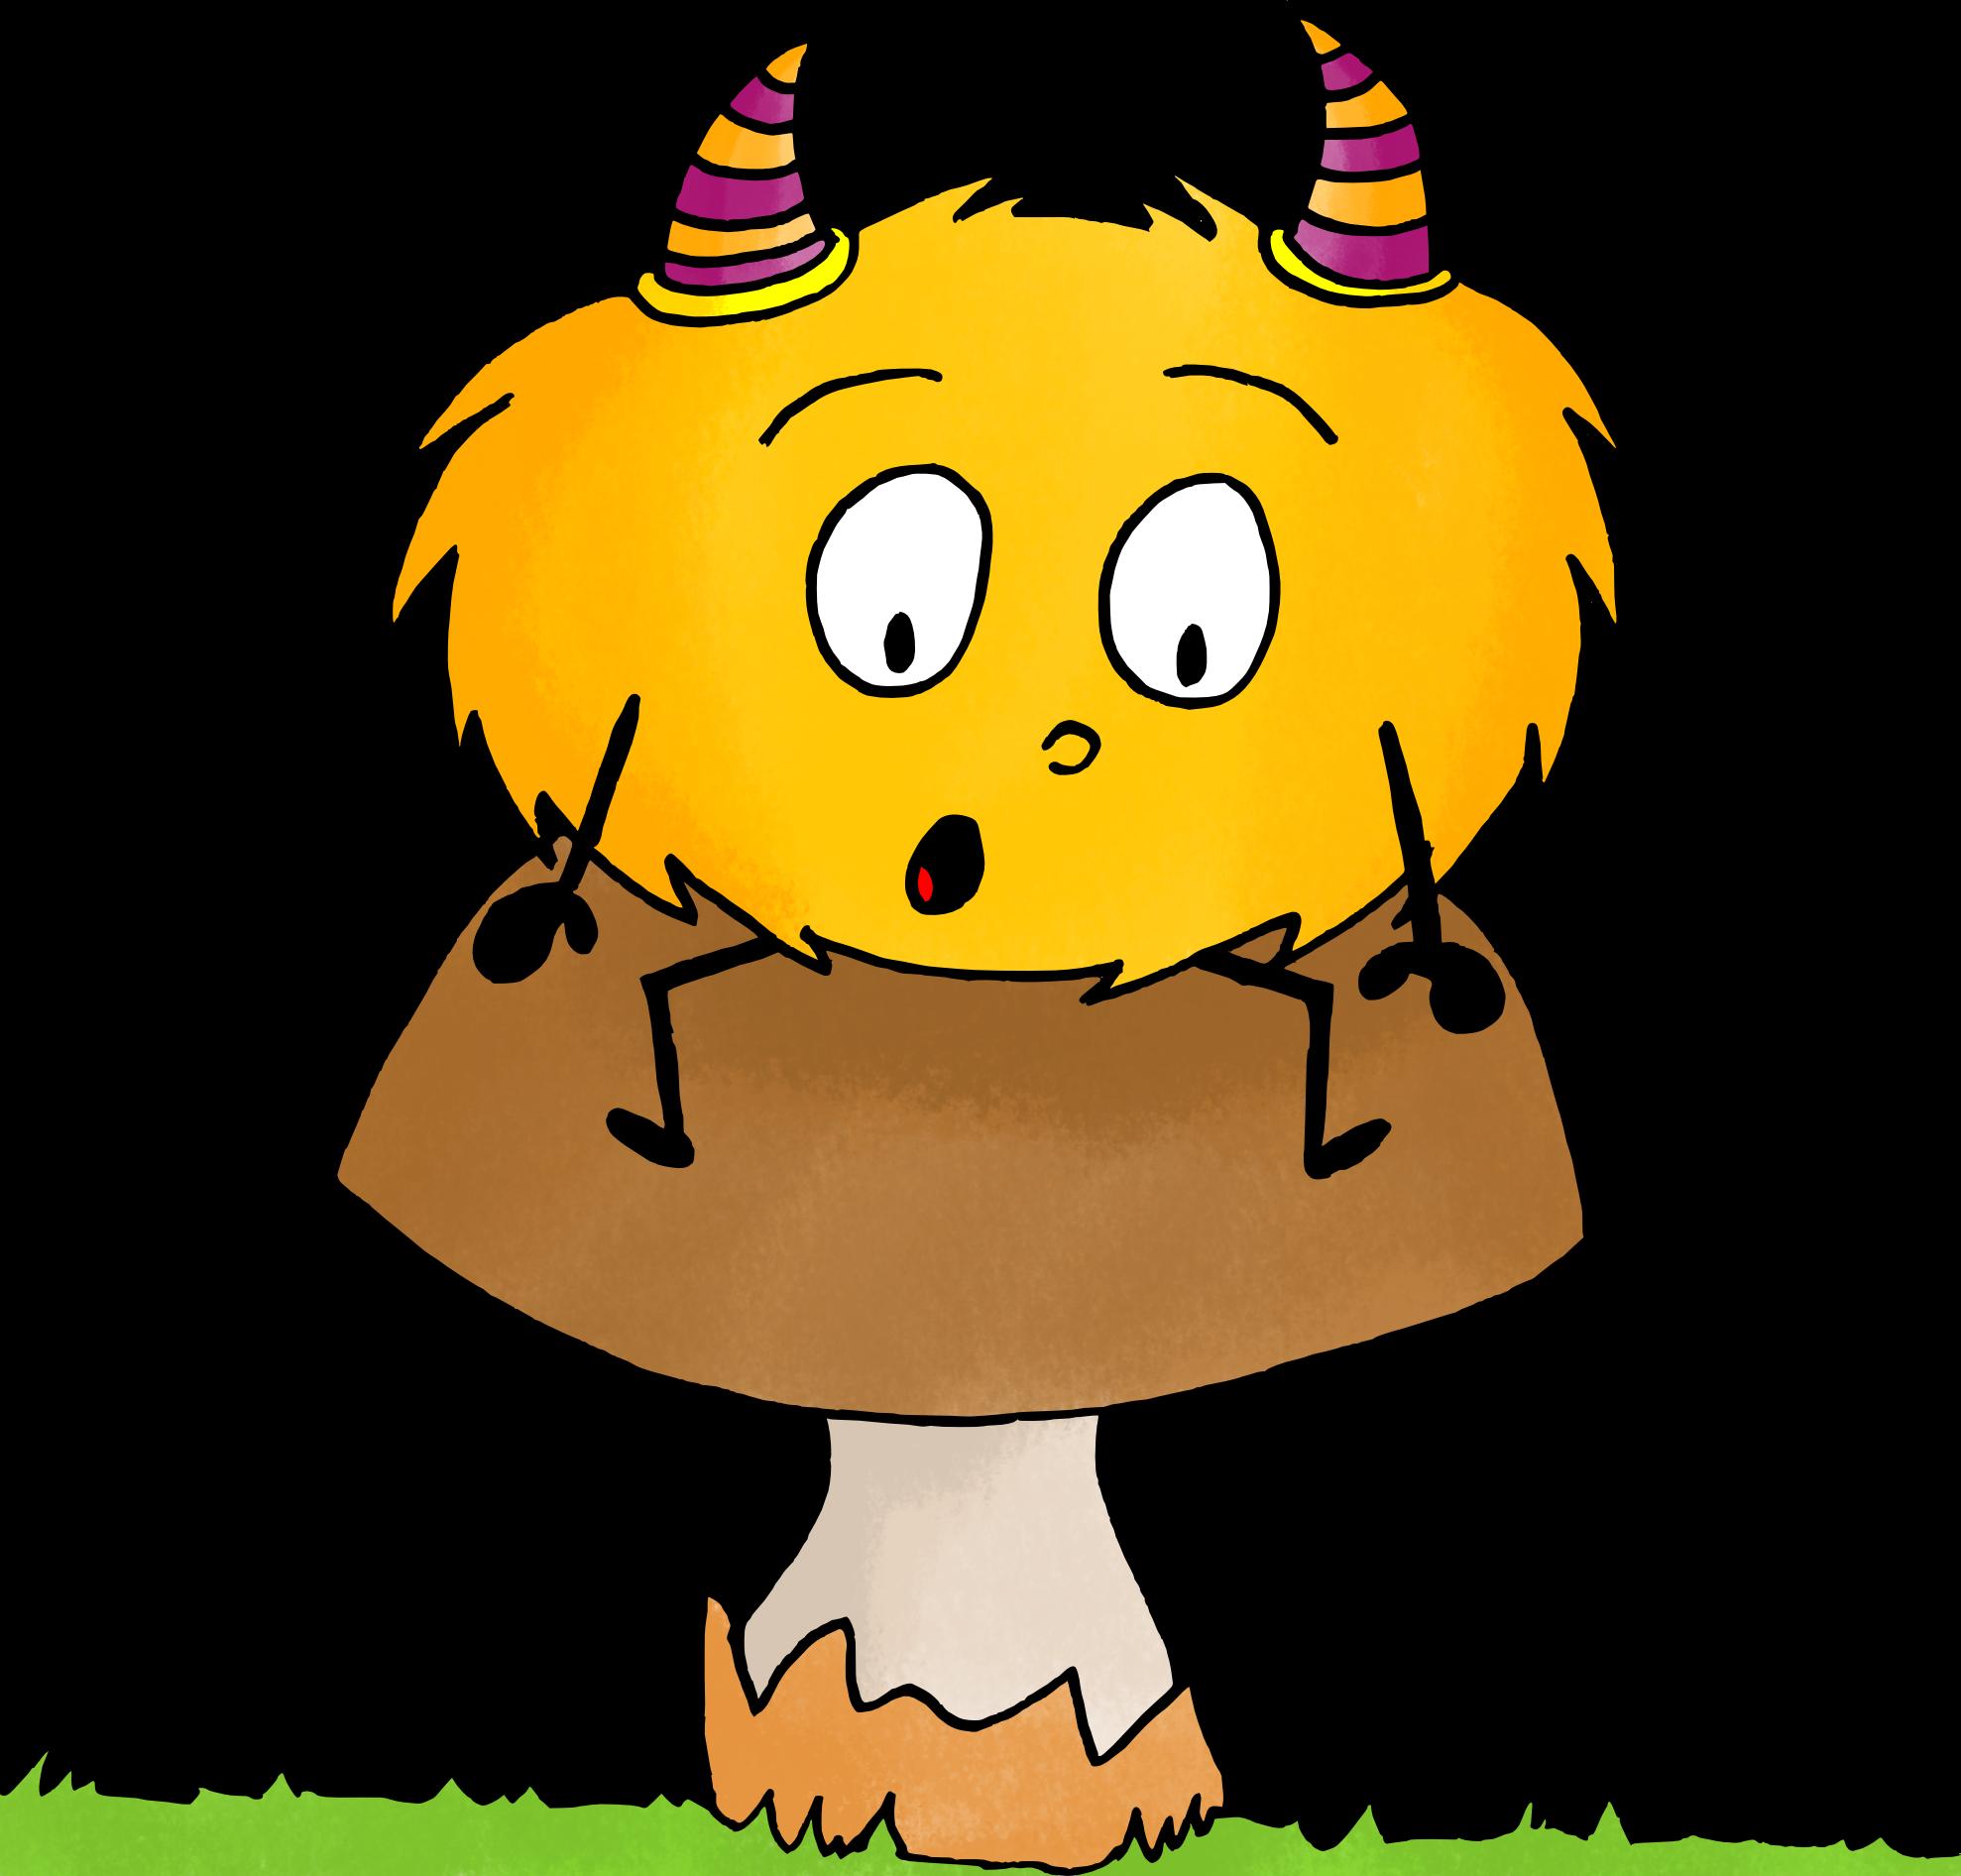 Les mystik s page 5 le blog de mysticlolly - Dessin de champignons a imprimer ...